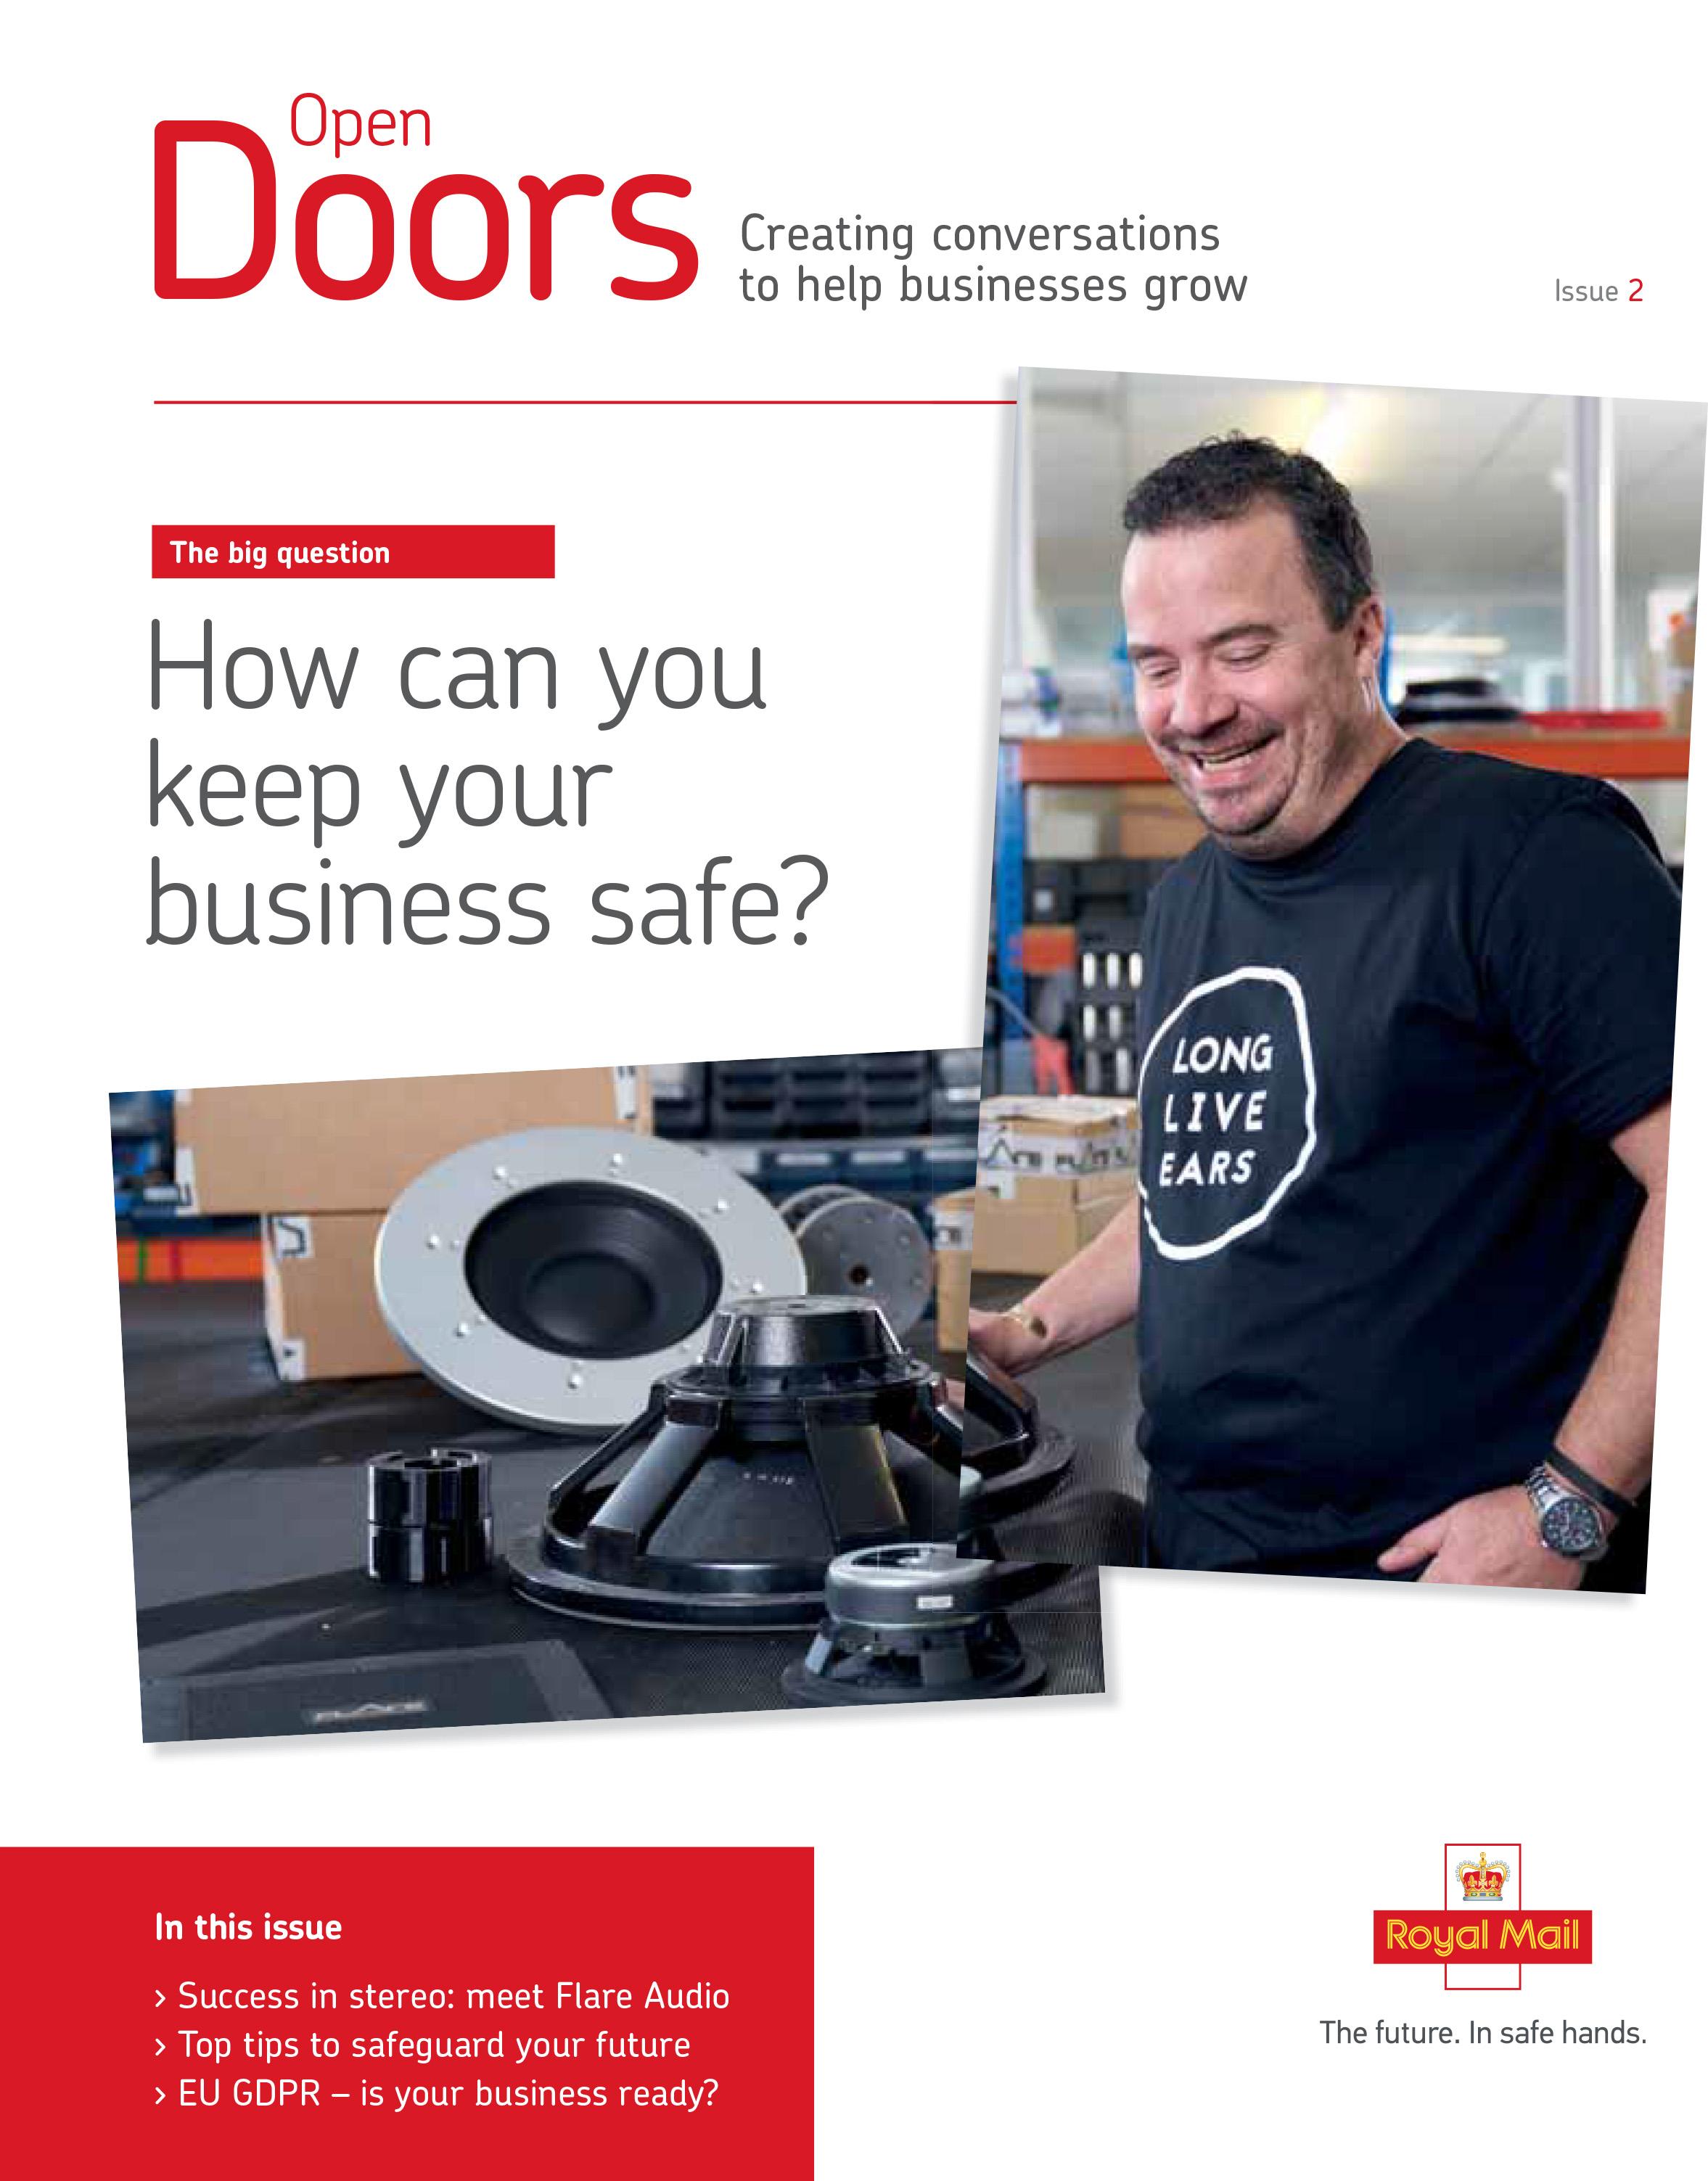 Open Doors Magazine - Creating conversations to help businesses